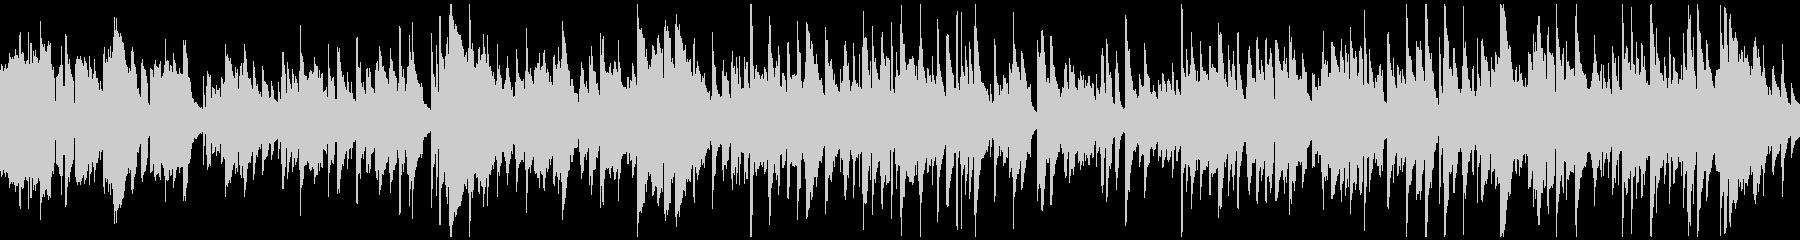 センチメンタル憂鬱系バラード ※ループ版の未再生の波形